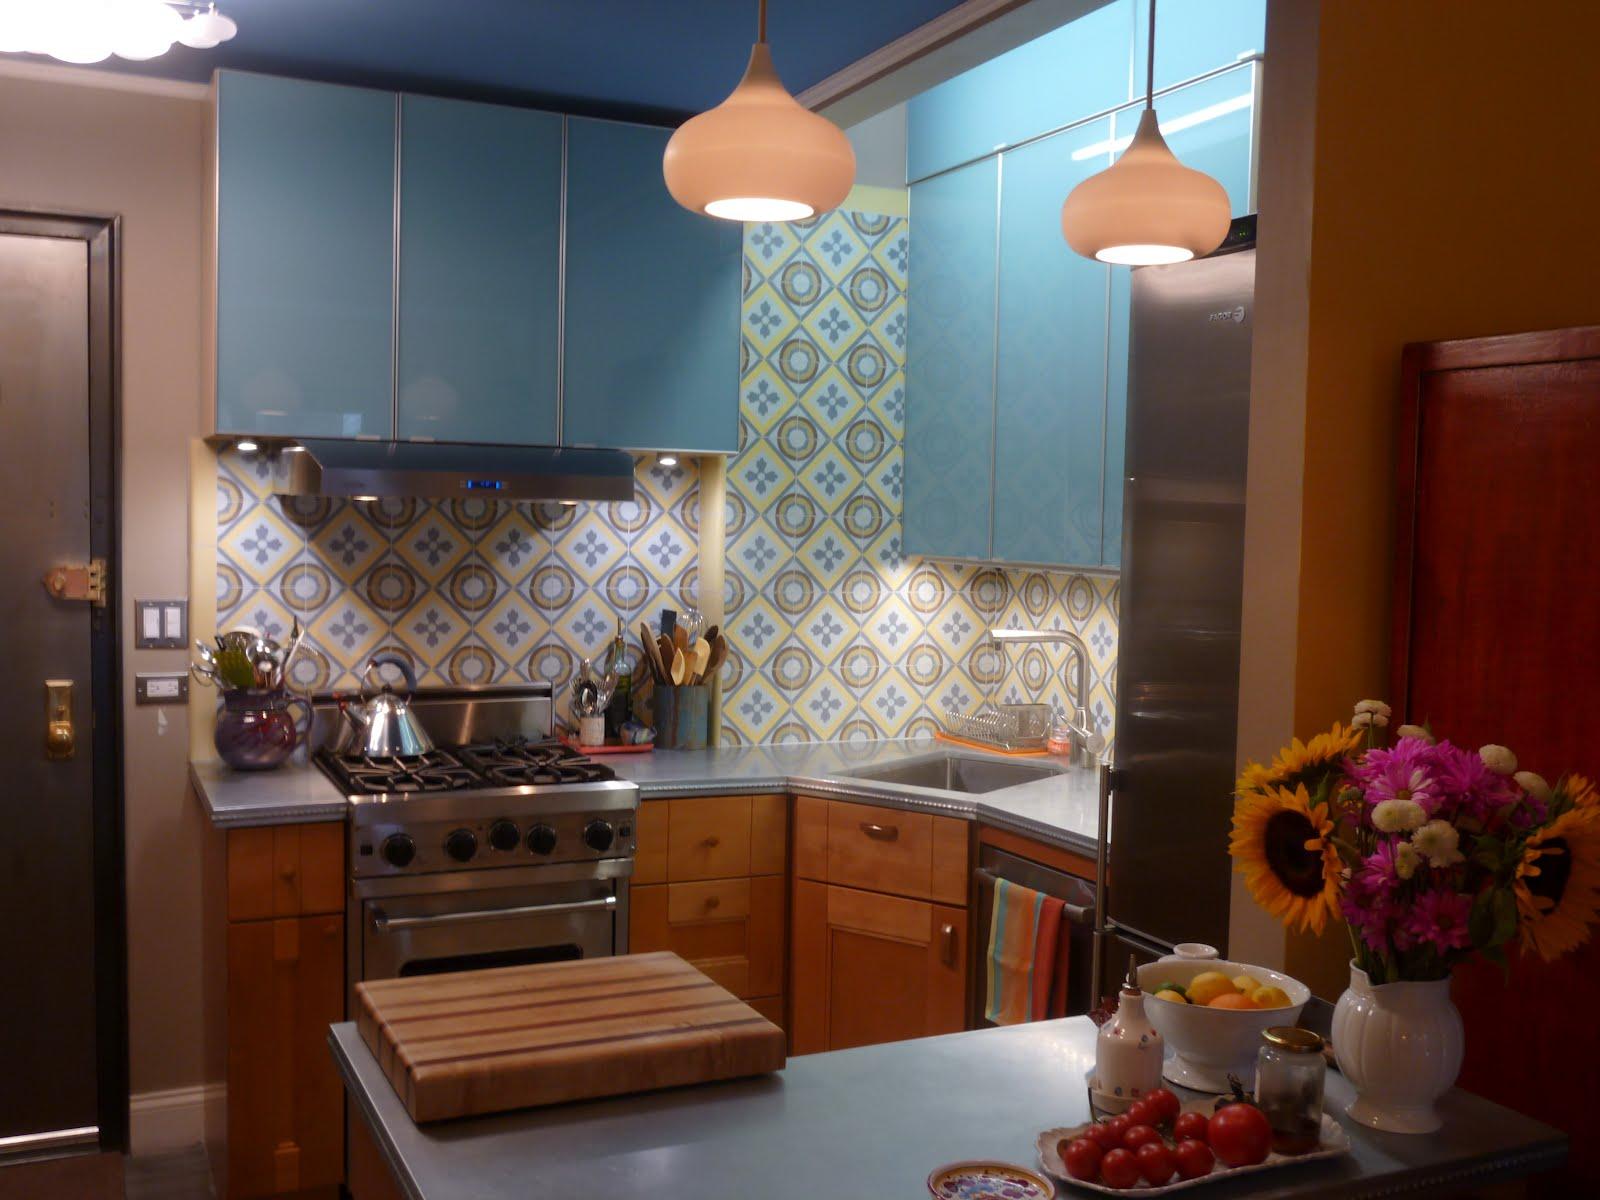 Avente Tile Talk A Cement Tile Kitchen Backsplash Makes a Chelsea